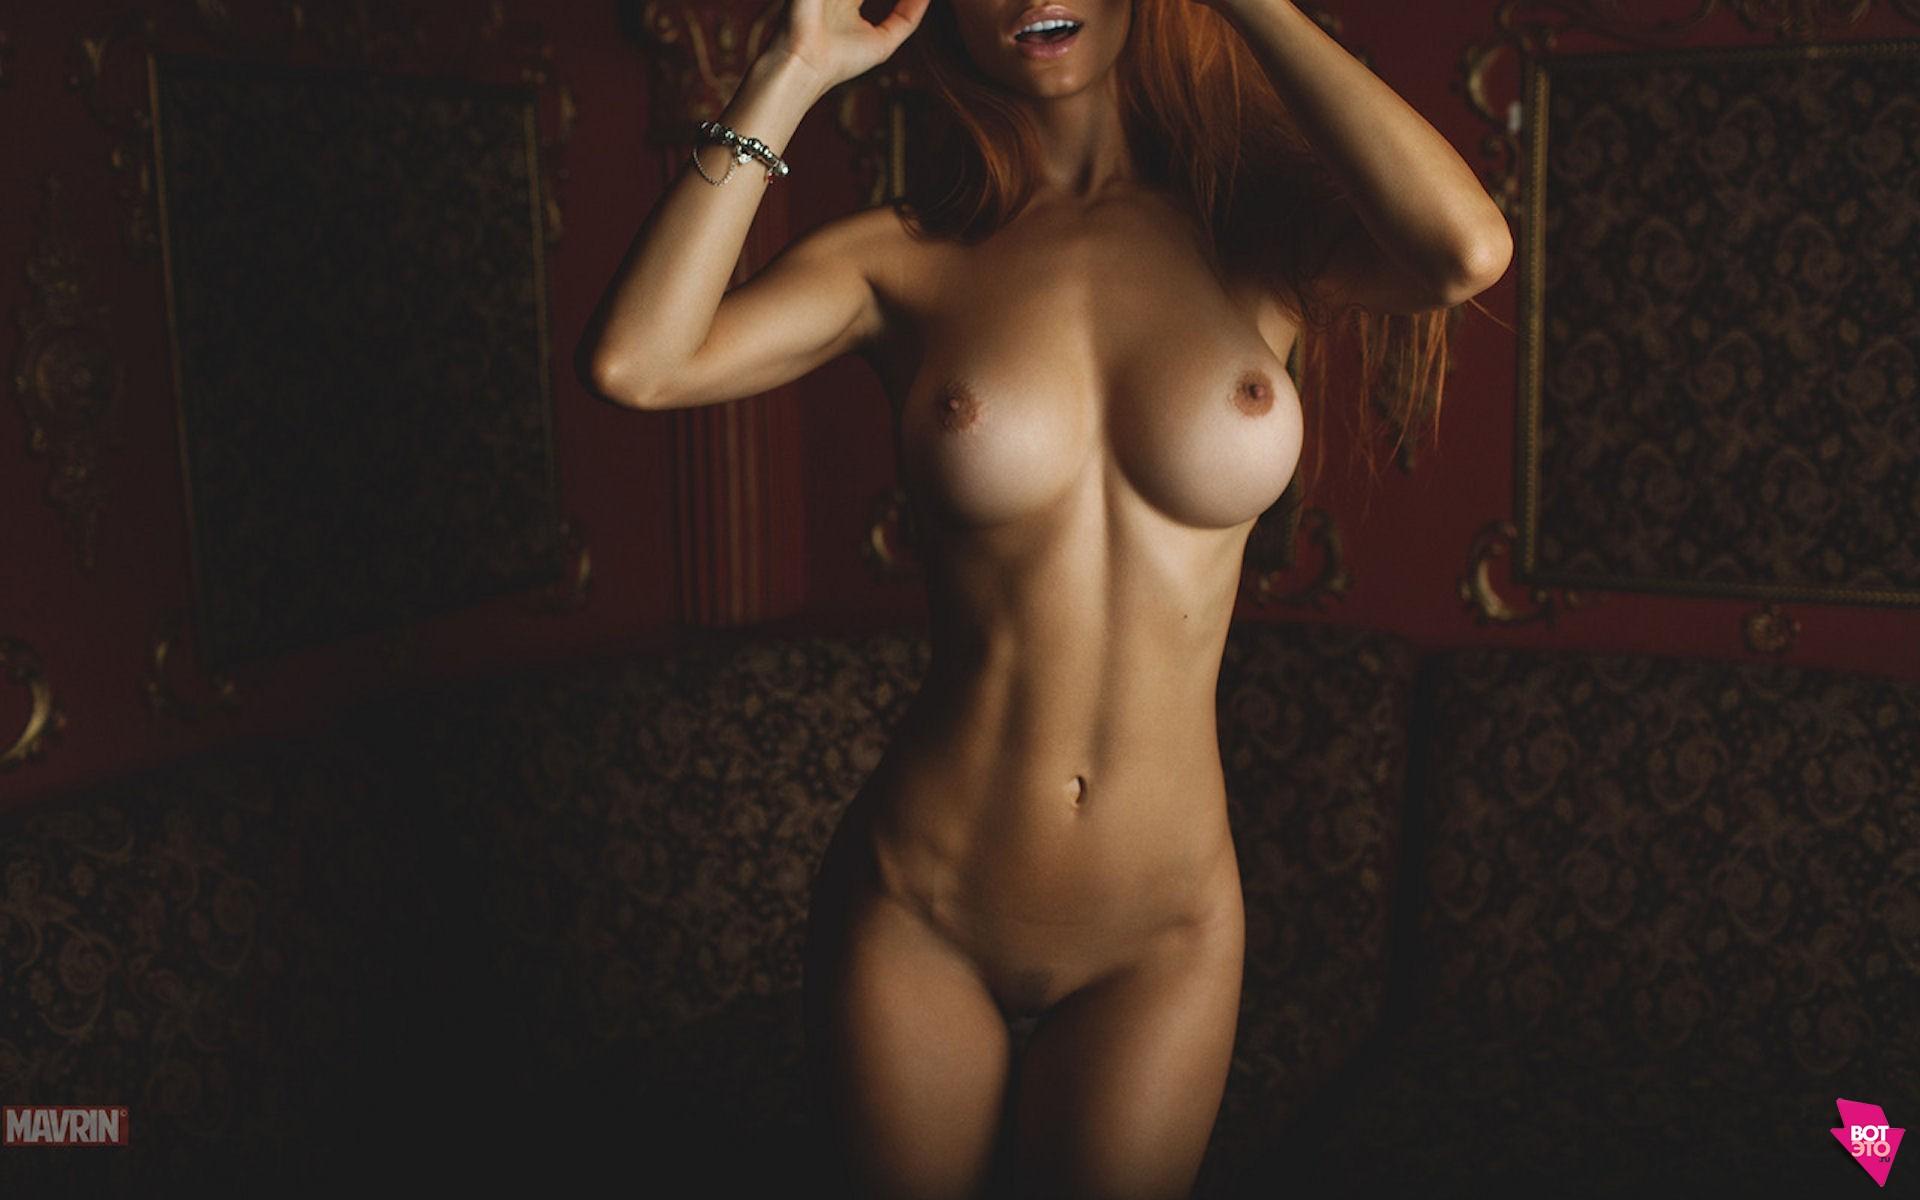 Рыжая девушка в ванной с айфоном пятым голая 19 фотография